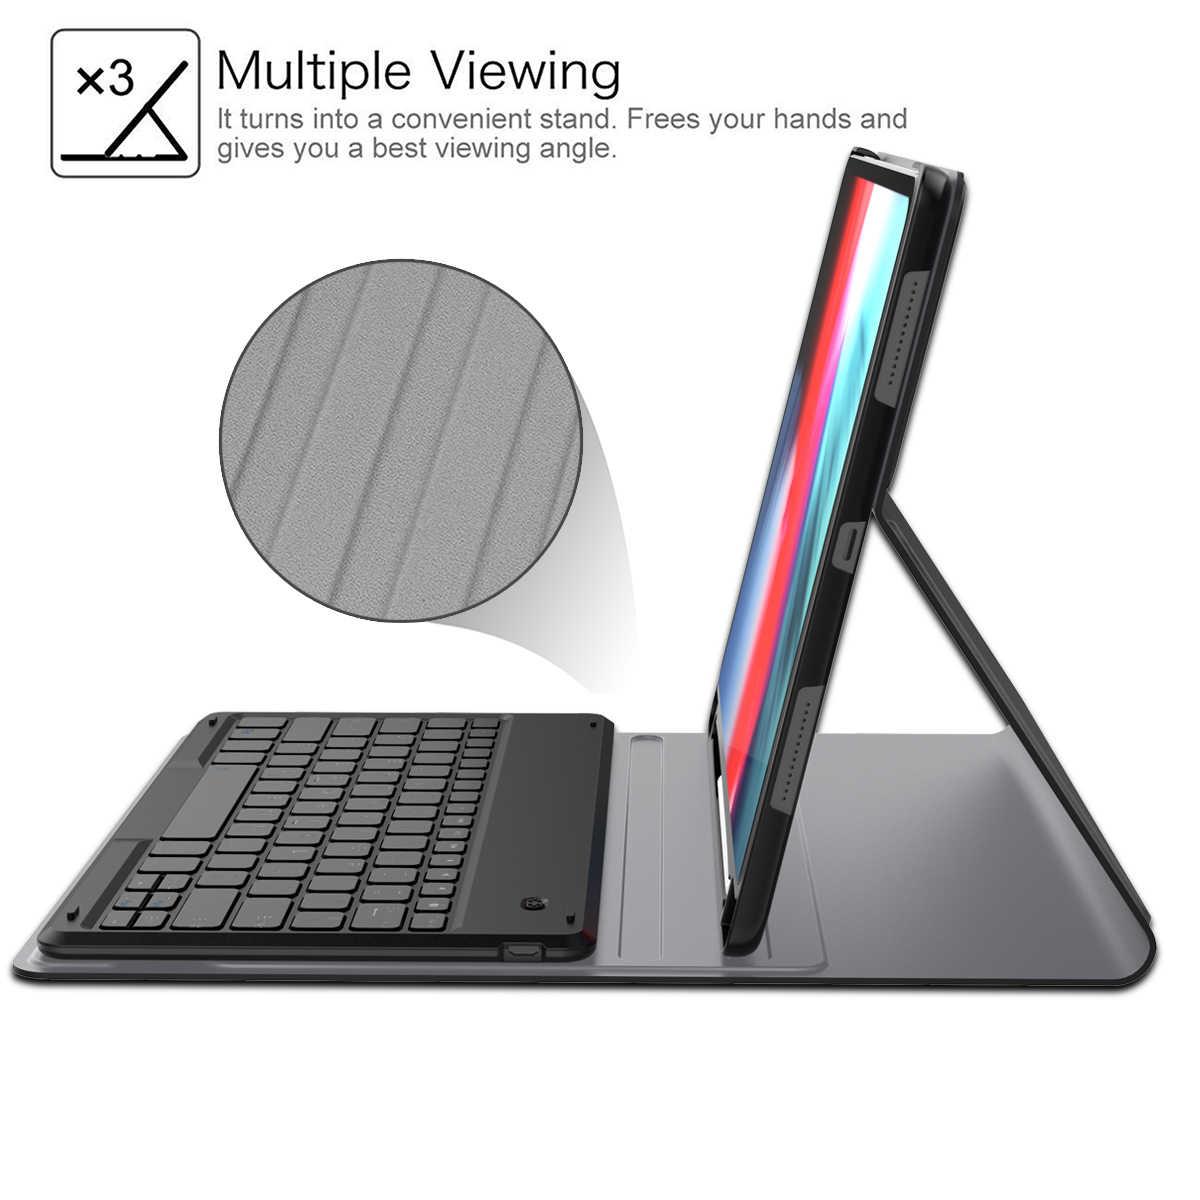 """IPad Pro 12.9 için 2018 Bluetooth klavye tablet kılıfı kalemlik deri akıllı kapak için iPad Pro 12.9 """"2018 abd klavye"""